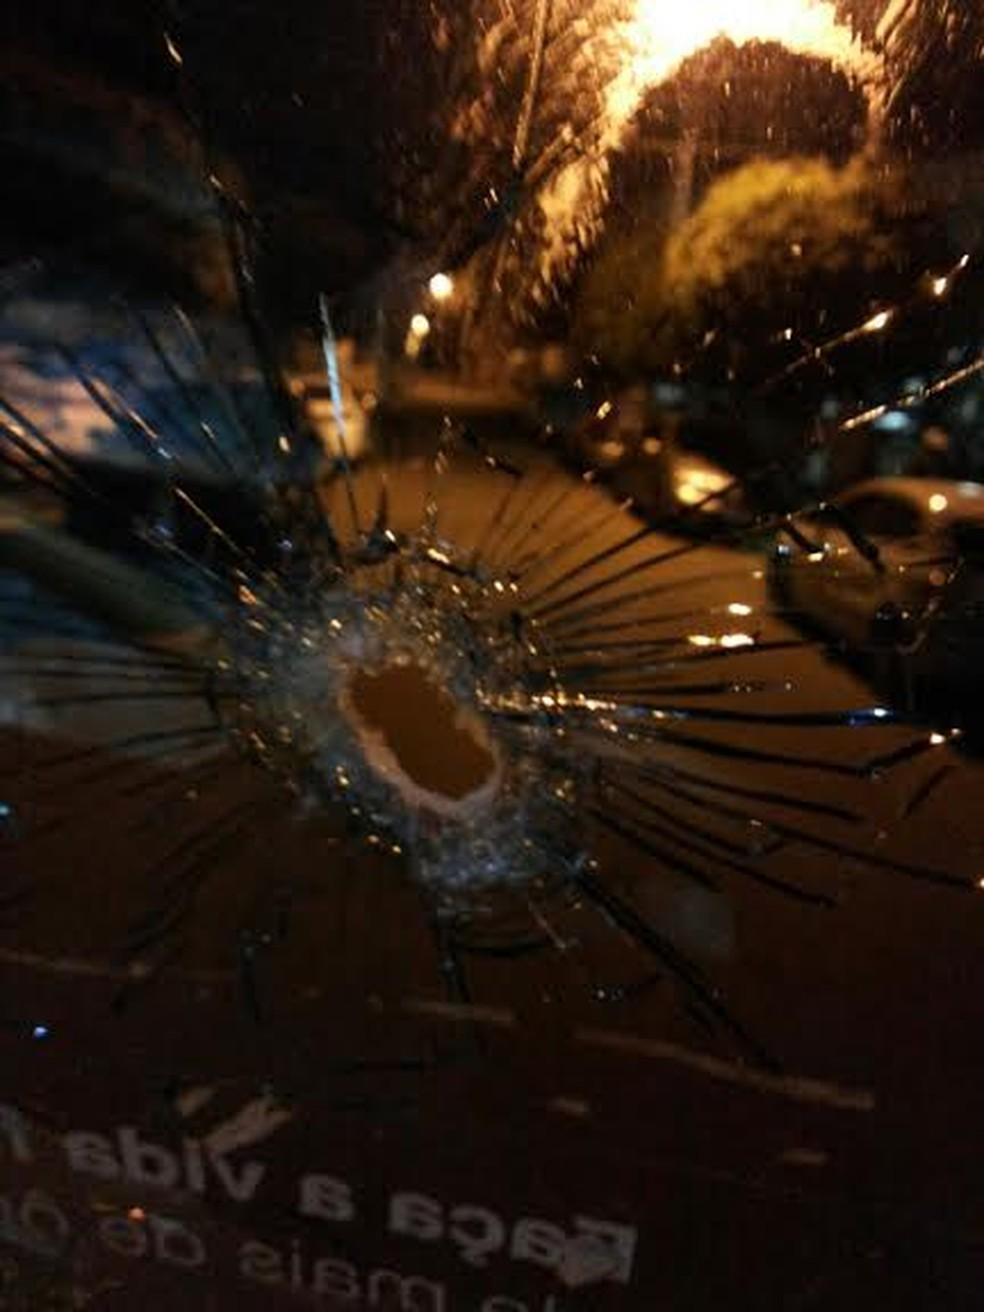 Motorista foi obrigado a parar depois que ônibus foi atingido por tiros (Foto: Divulgação / Polícia Civil)